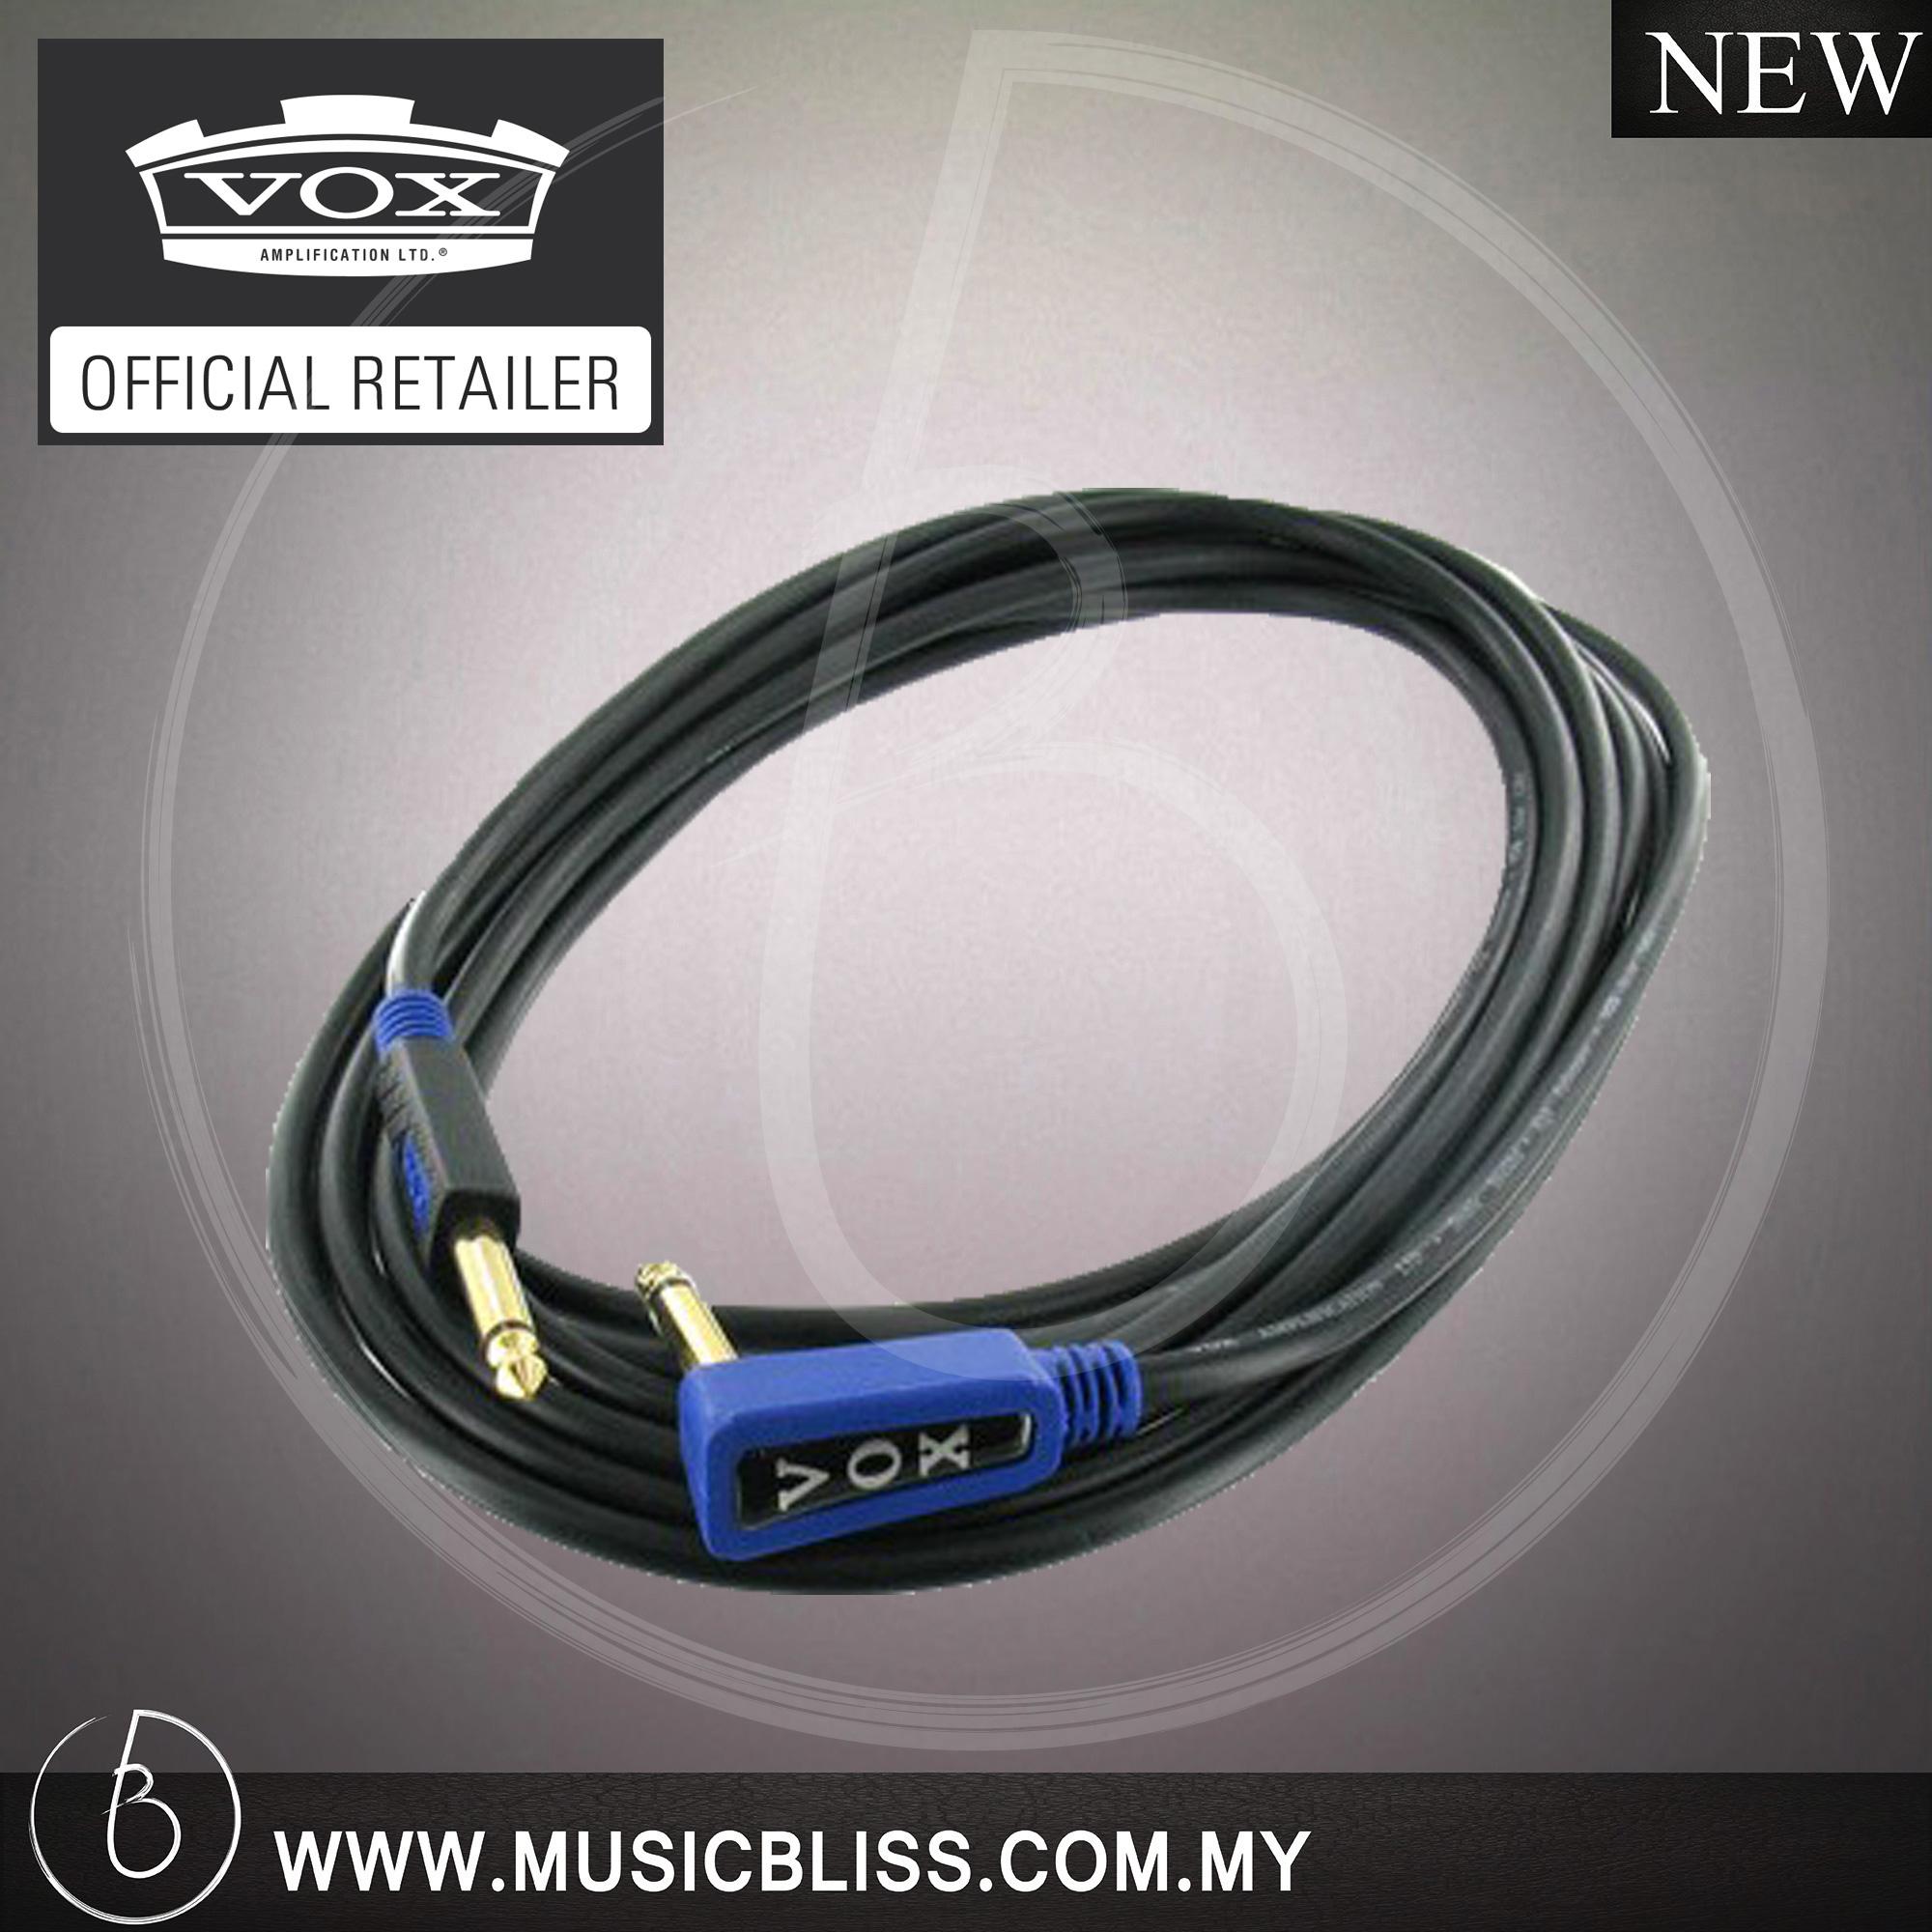 Vox VGS50 5M Standard Guitar Cable (end 6/22/2020 10:40 AM)